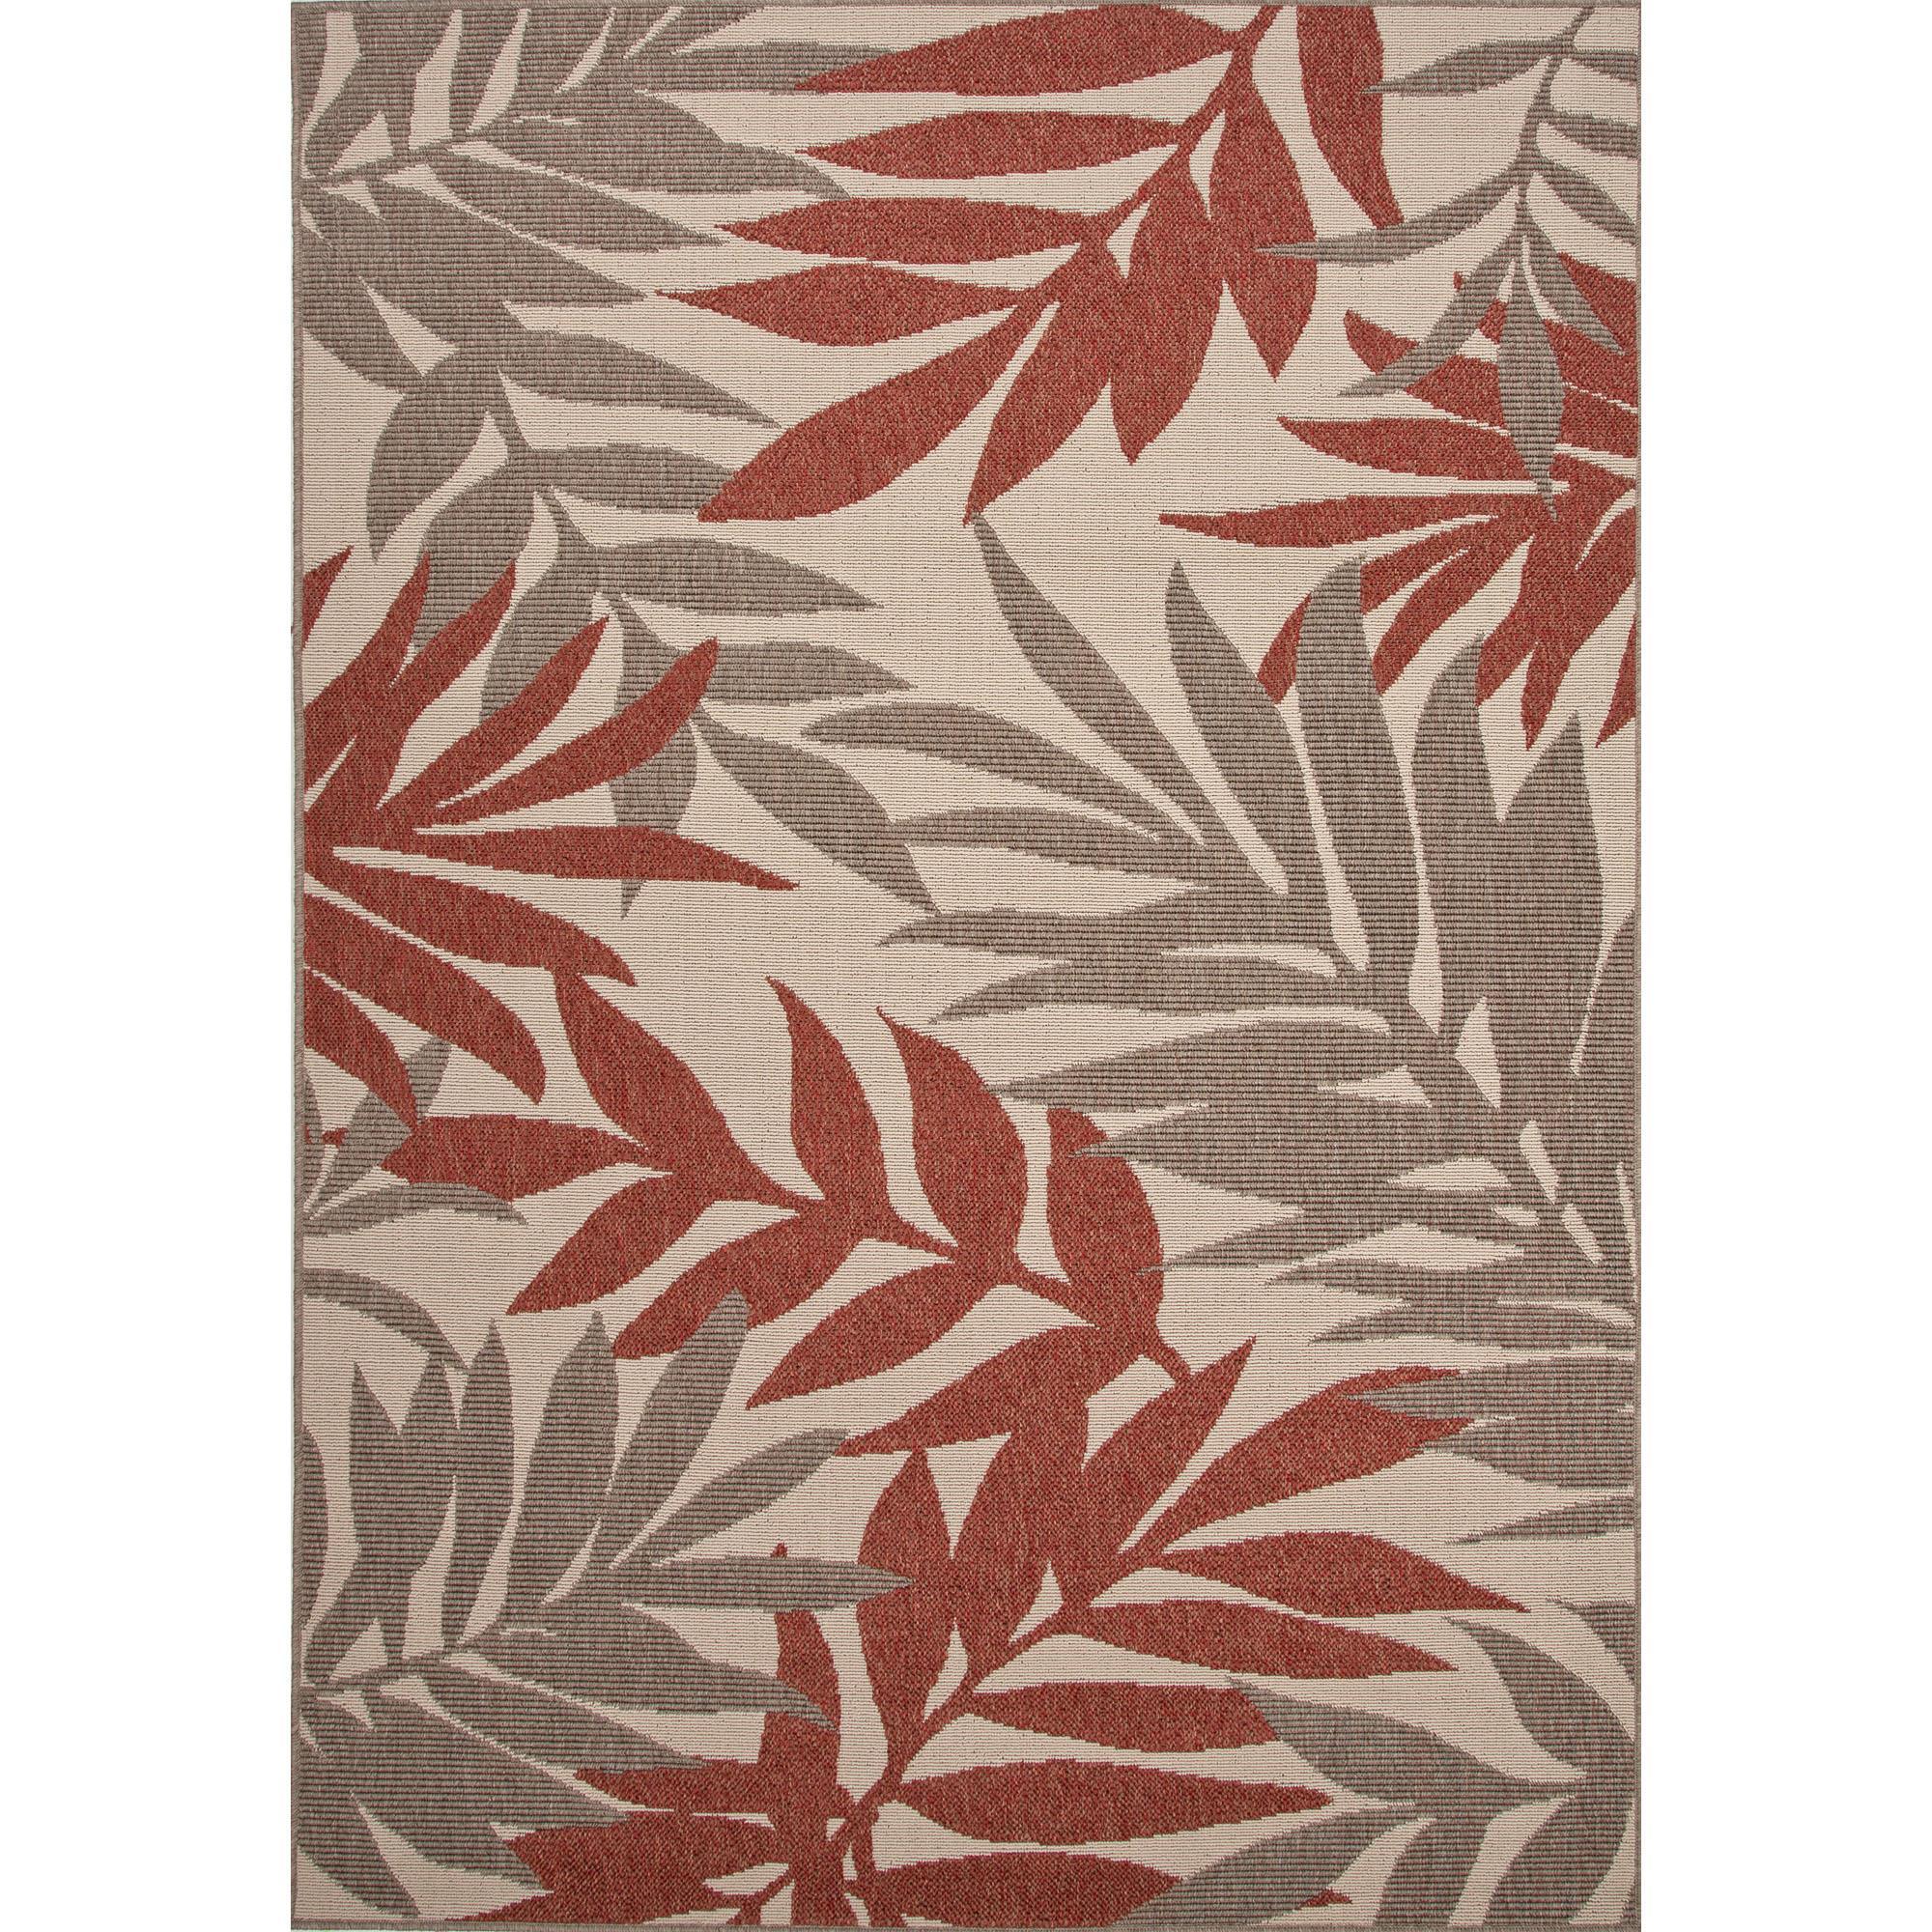 JAIPUR Rugs Bloom 7.11 x 10 Rug - Item Number: RUG121918